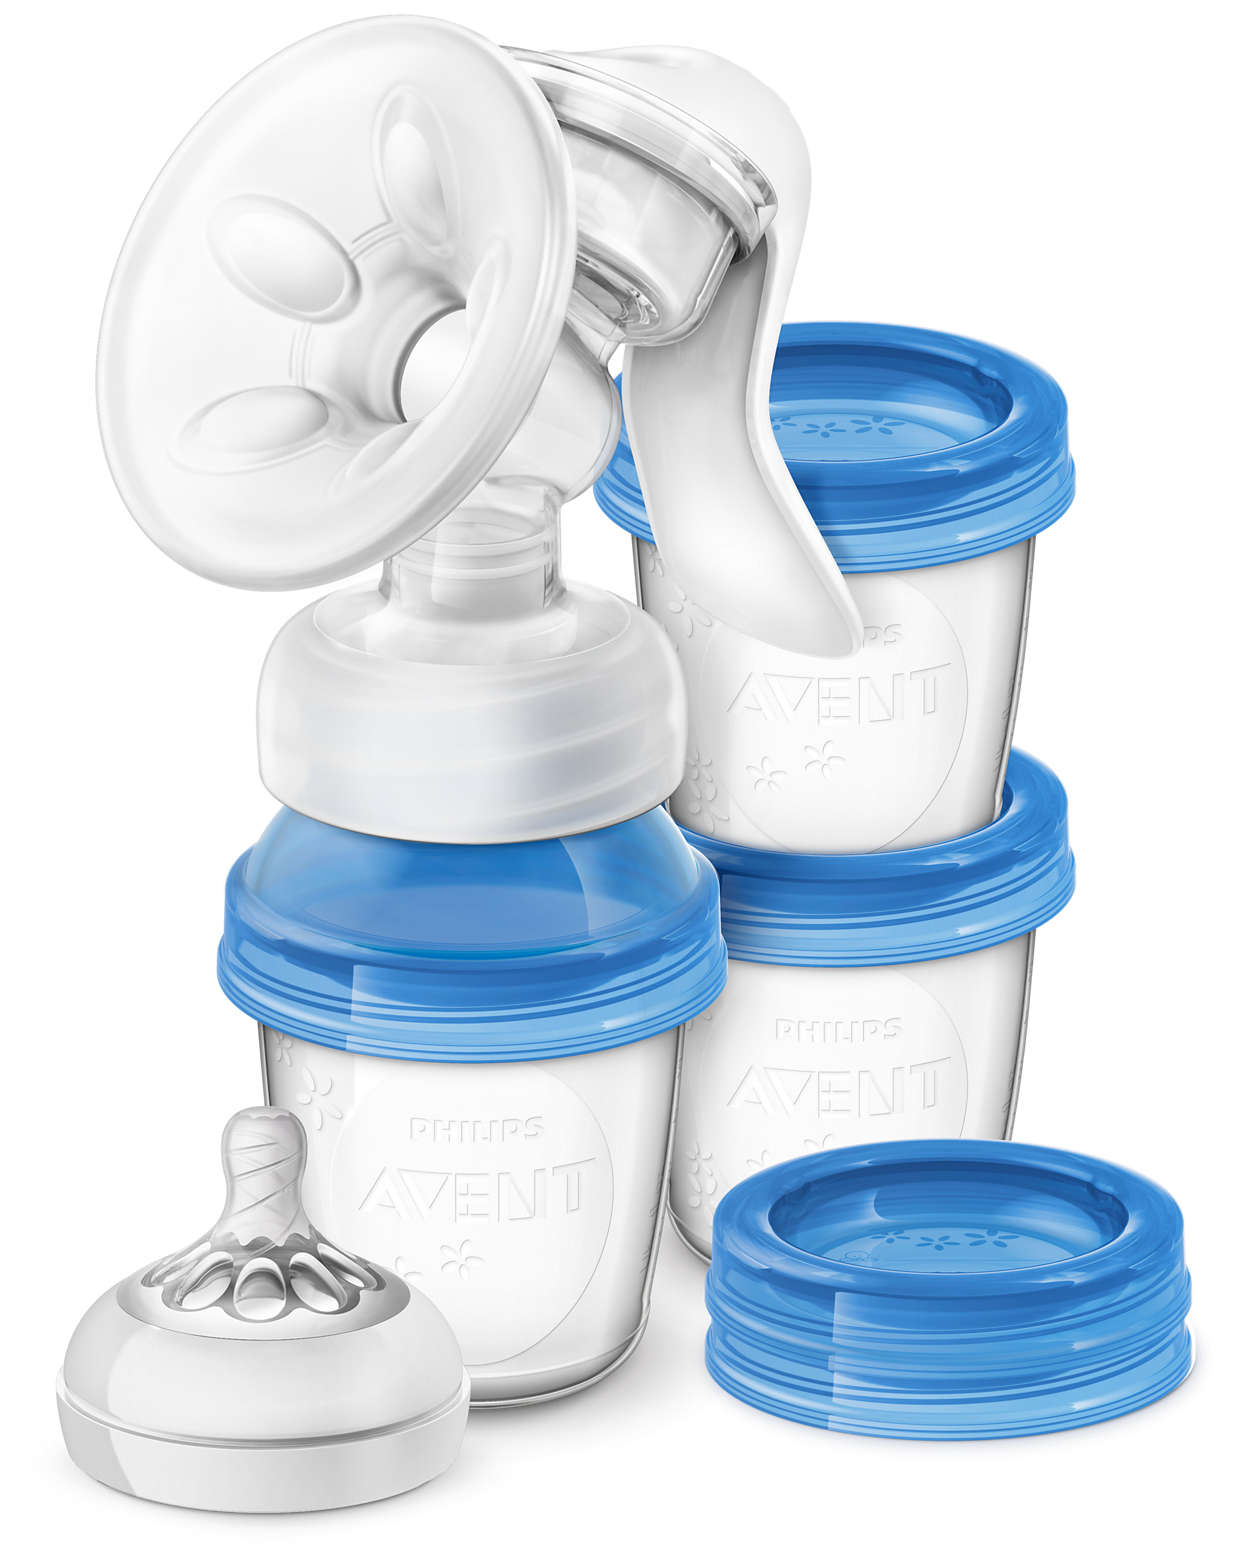 Mleko za dojenčka in udobje za mamico